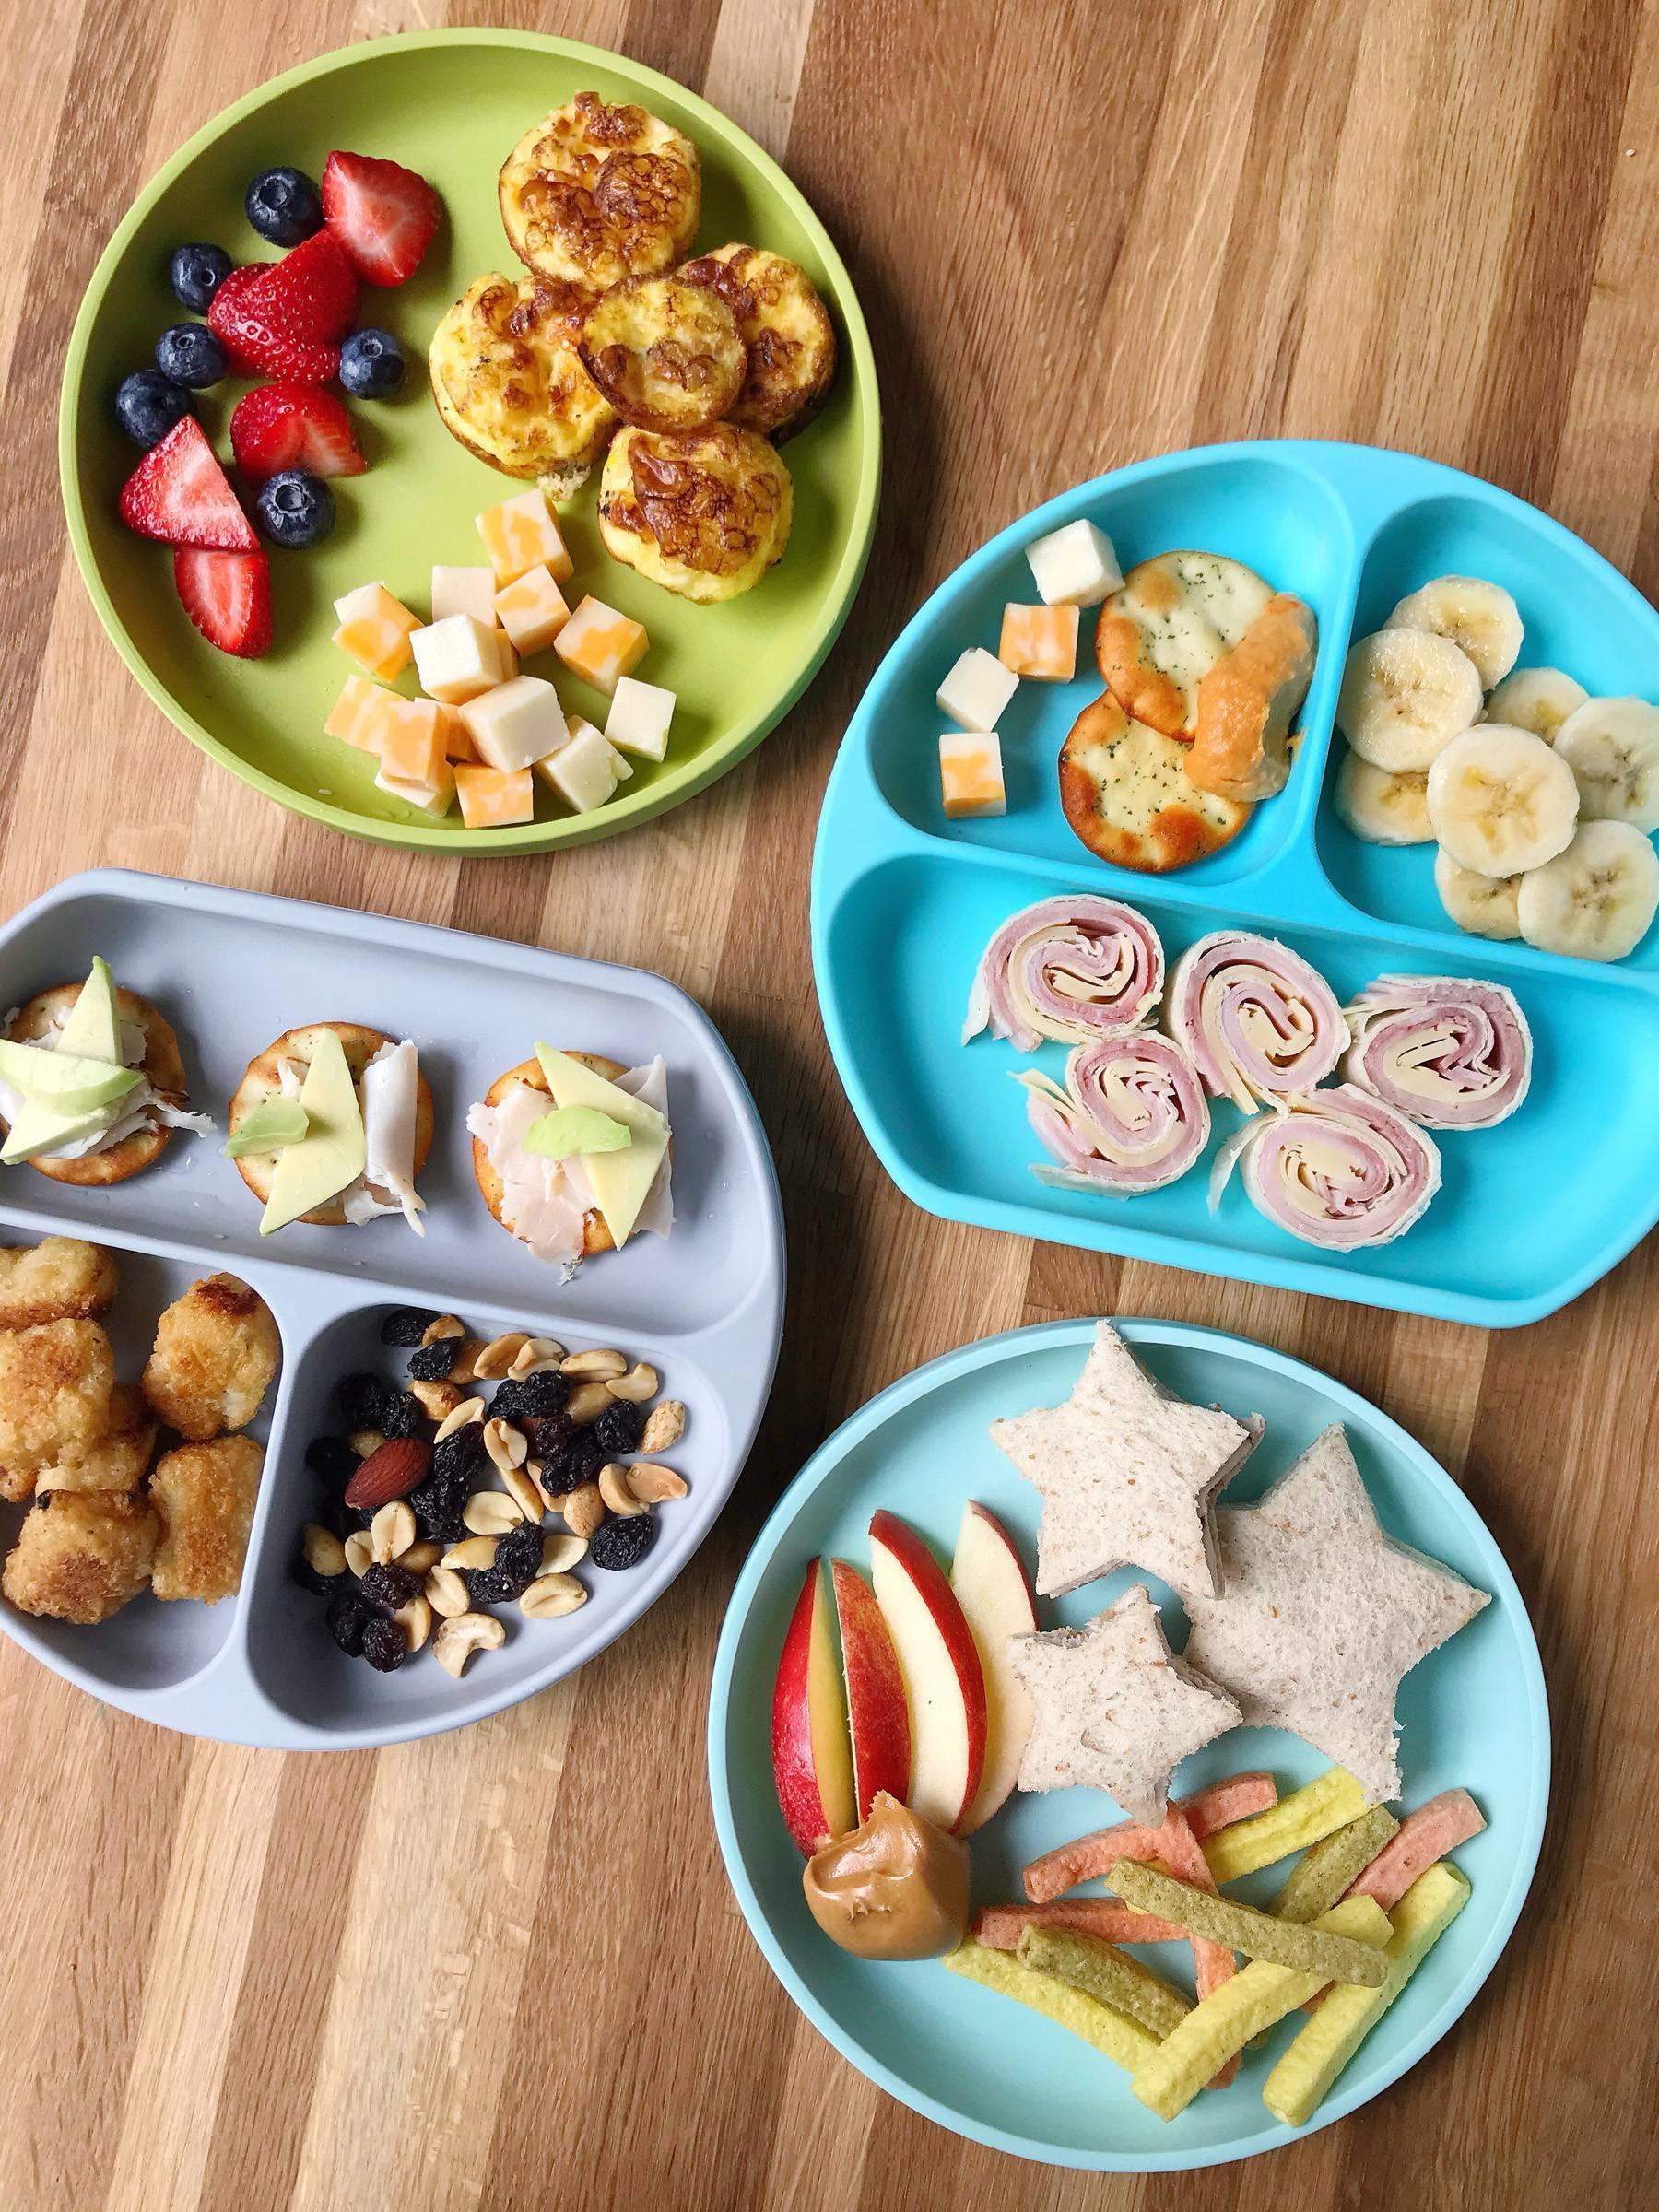 15 рецептов вкусных блюд для детей от 8 месяцев до 2 лет